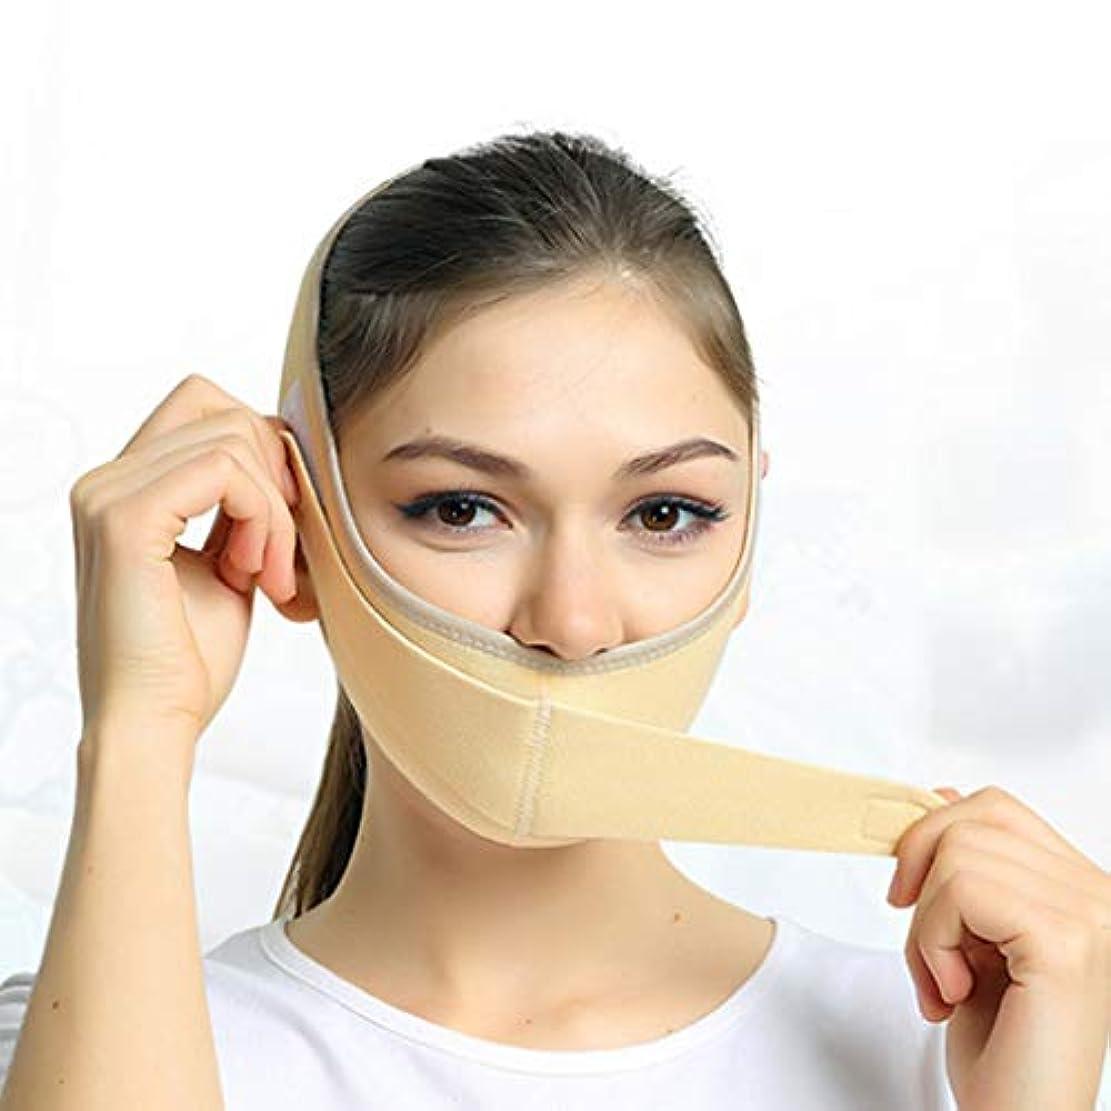 珍しい調停する出会い顔の減量術後の回復包帯小さな v 顔睡眠マスク露出あごの医療顔